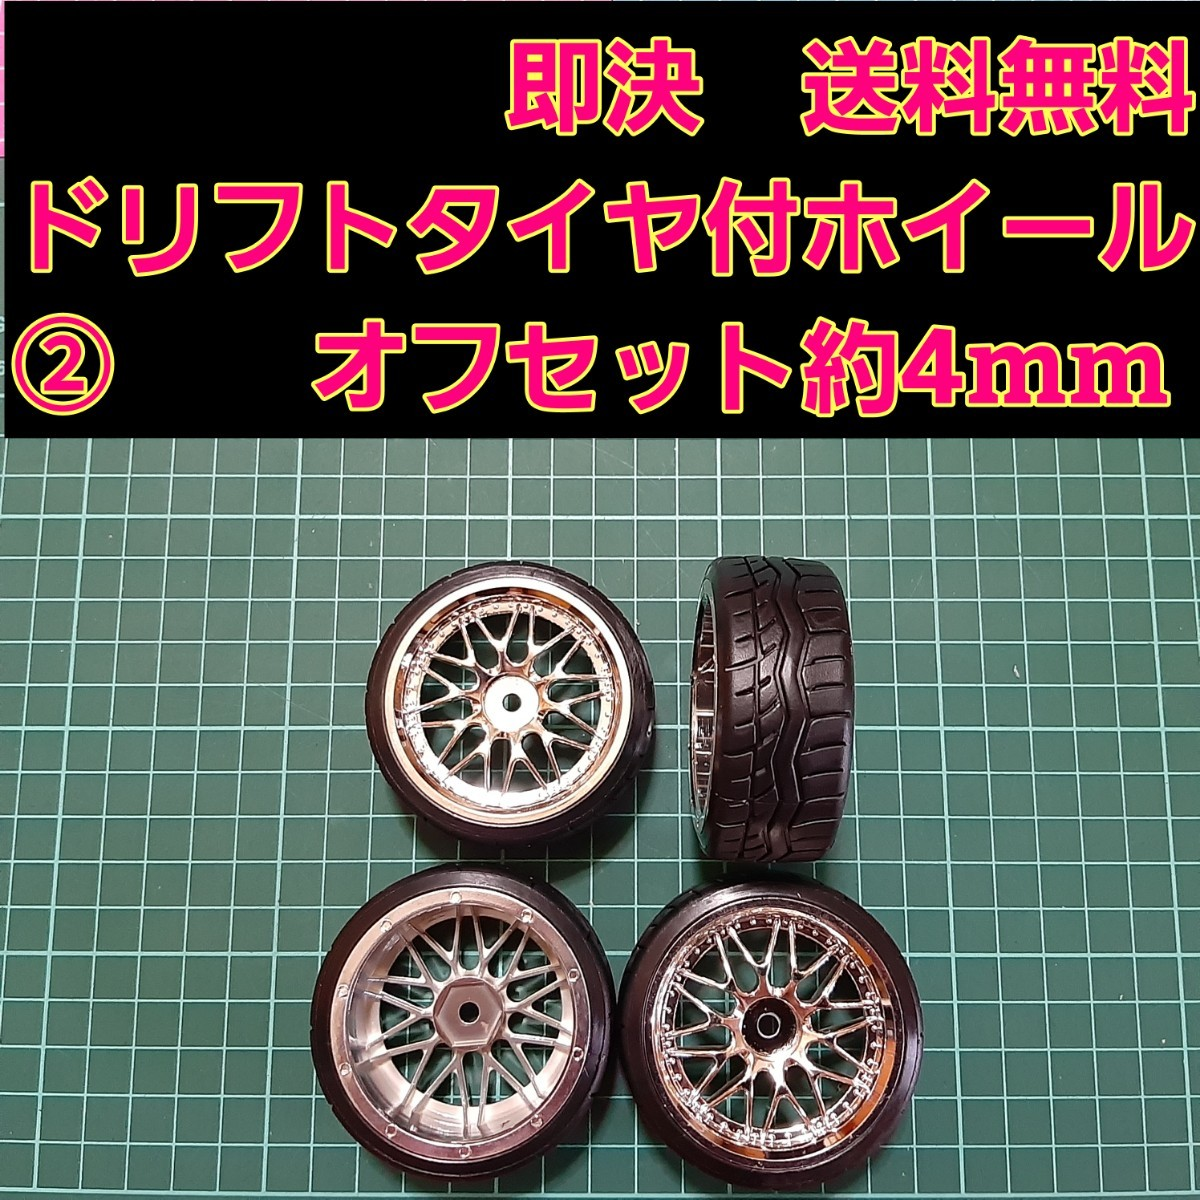 ドリフト タイヤ ホイール ②   ラジコン TT01 TT02 ドリパケ YD-2 サクラ D4 D5 D3 TB03 TA05